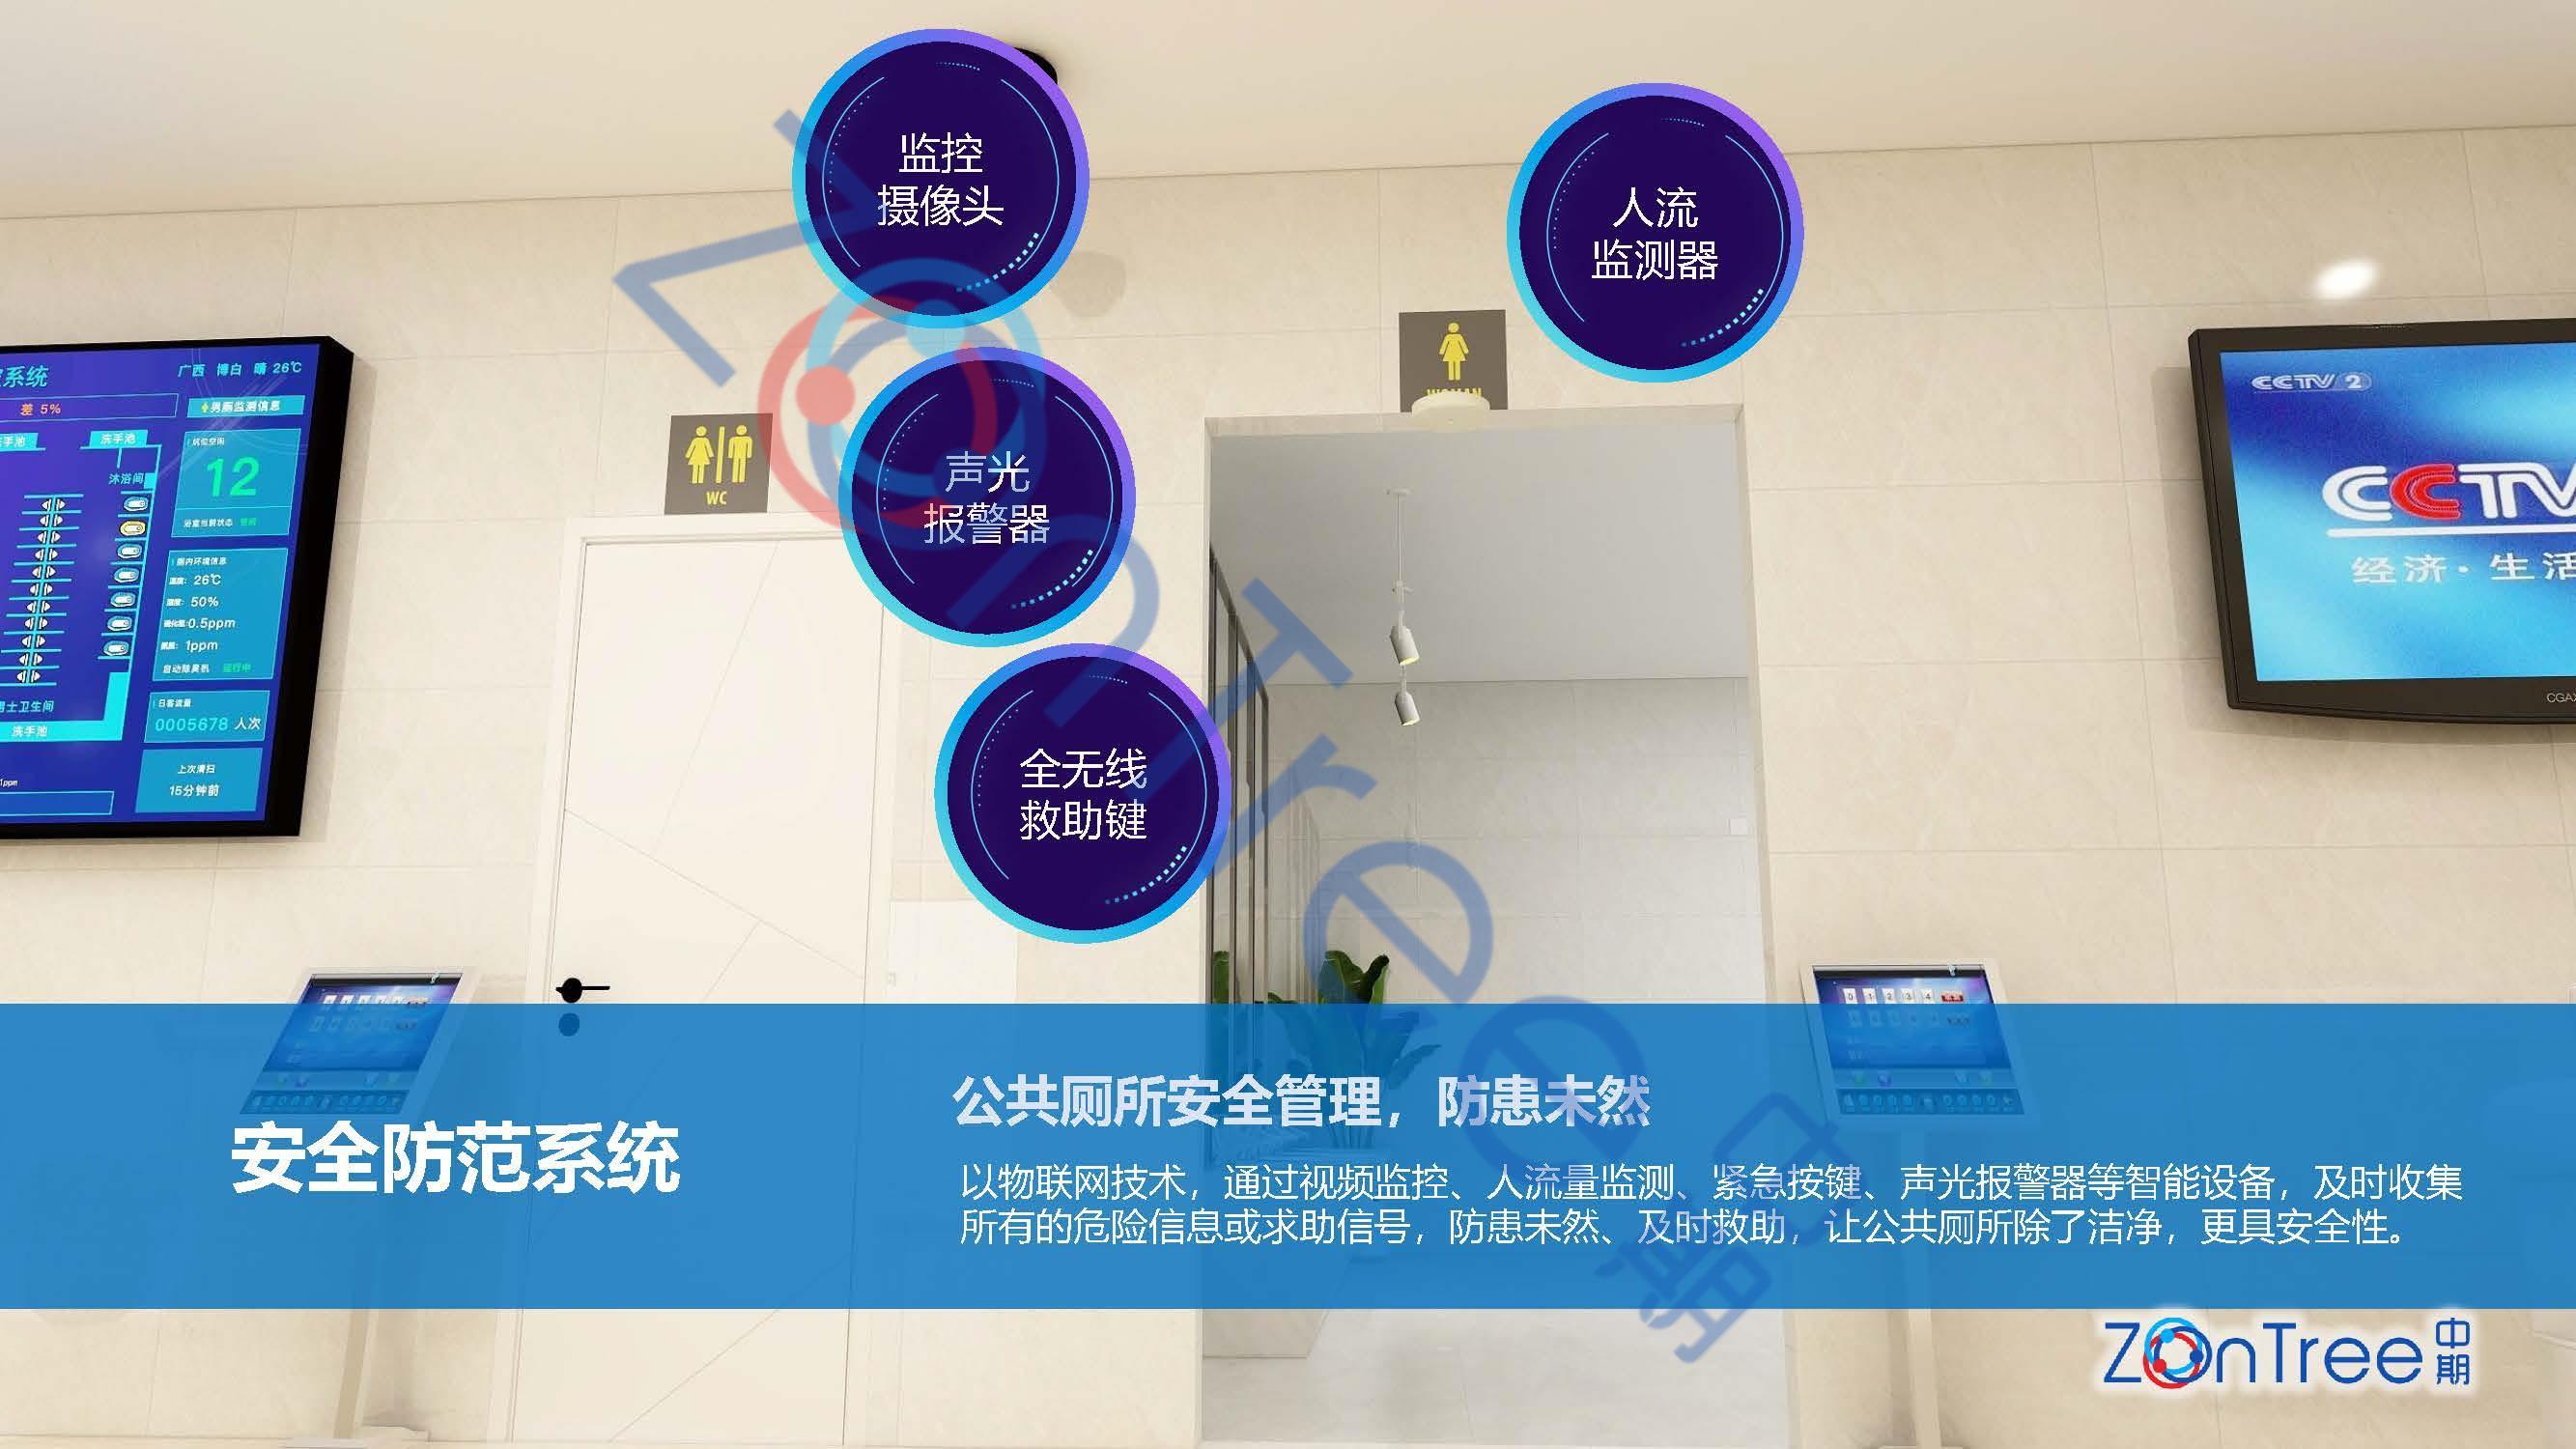 「中期®科技」智慧公厕 智慧厕所 智能厕所 智能公厕